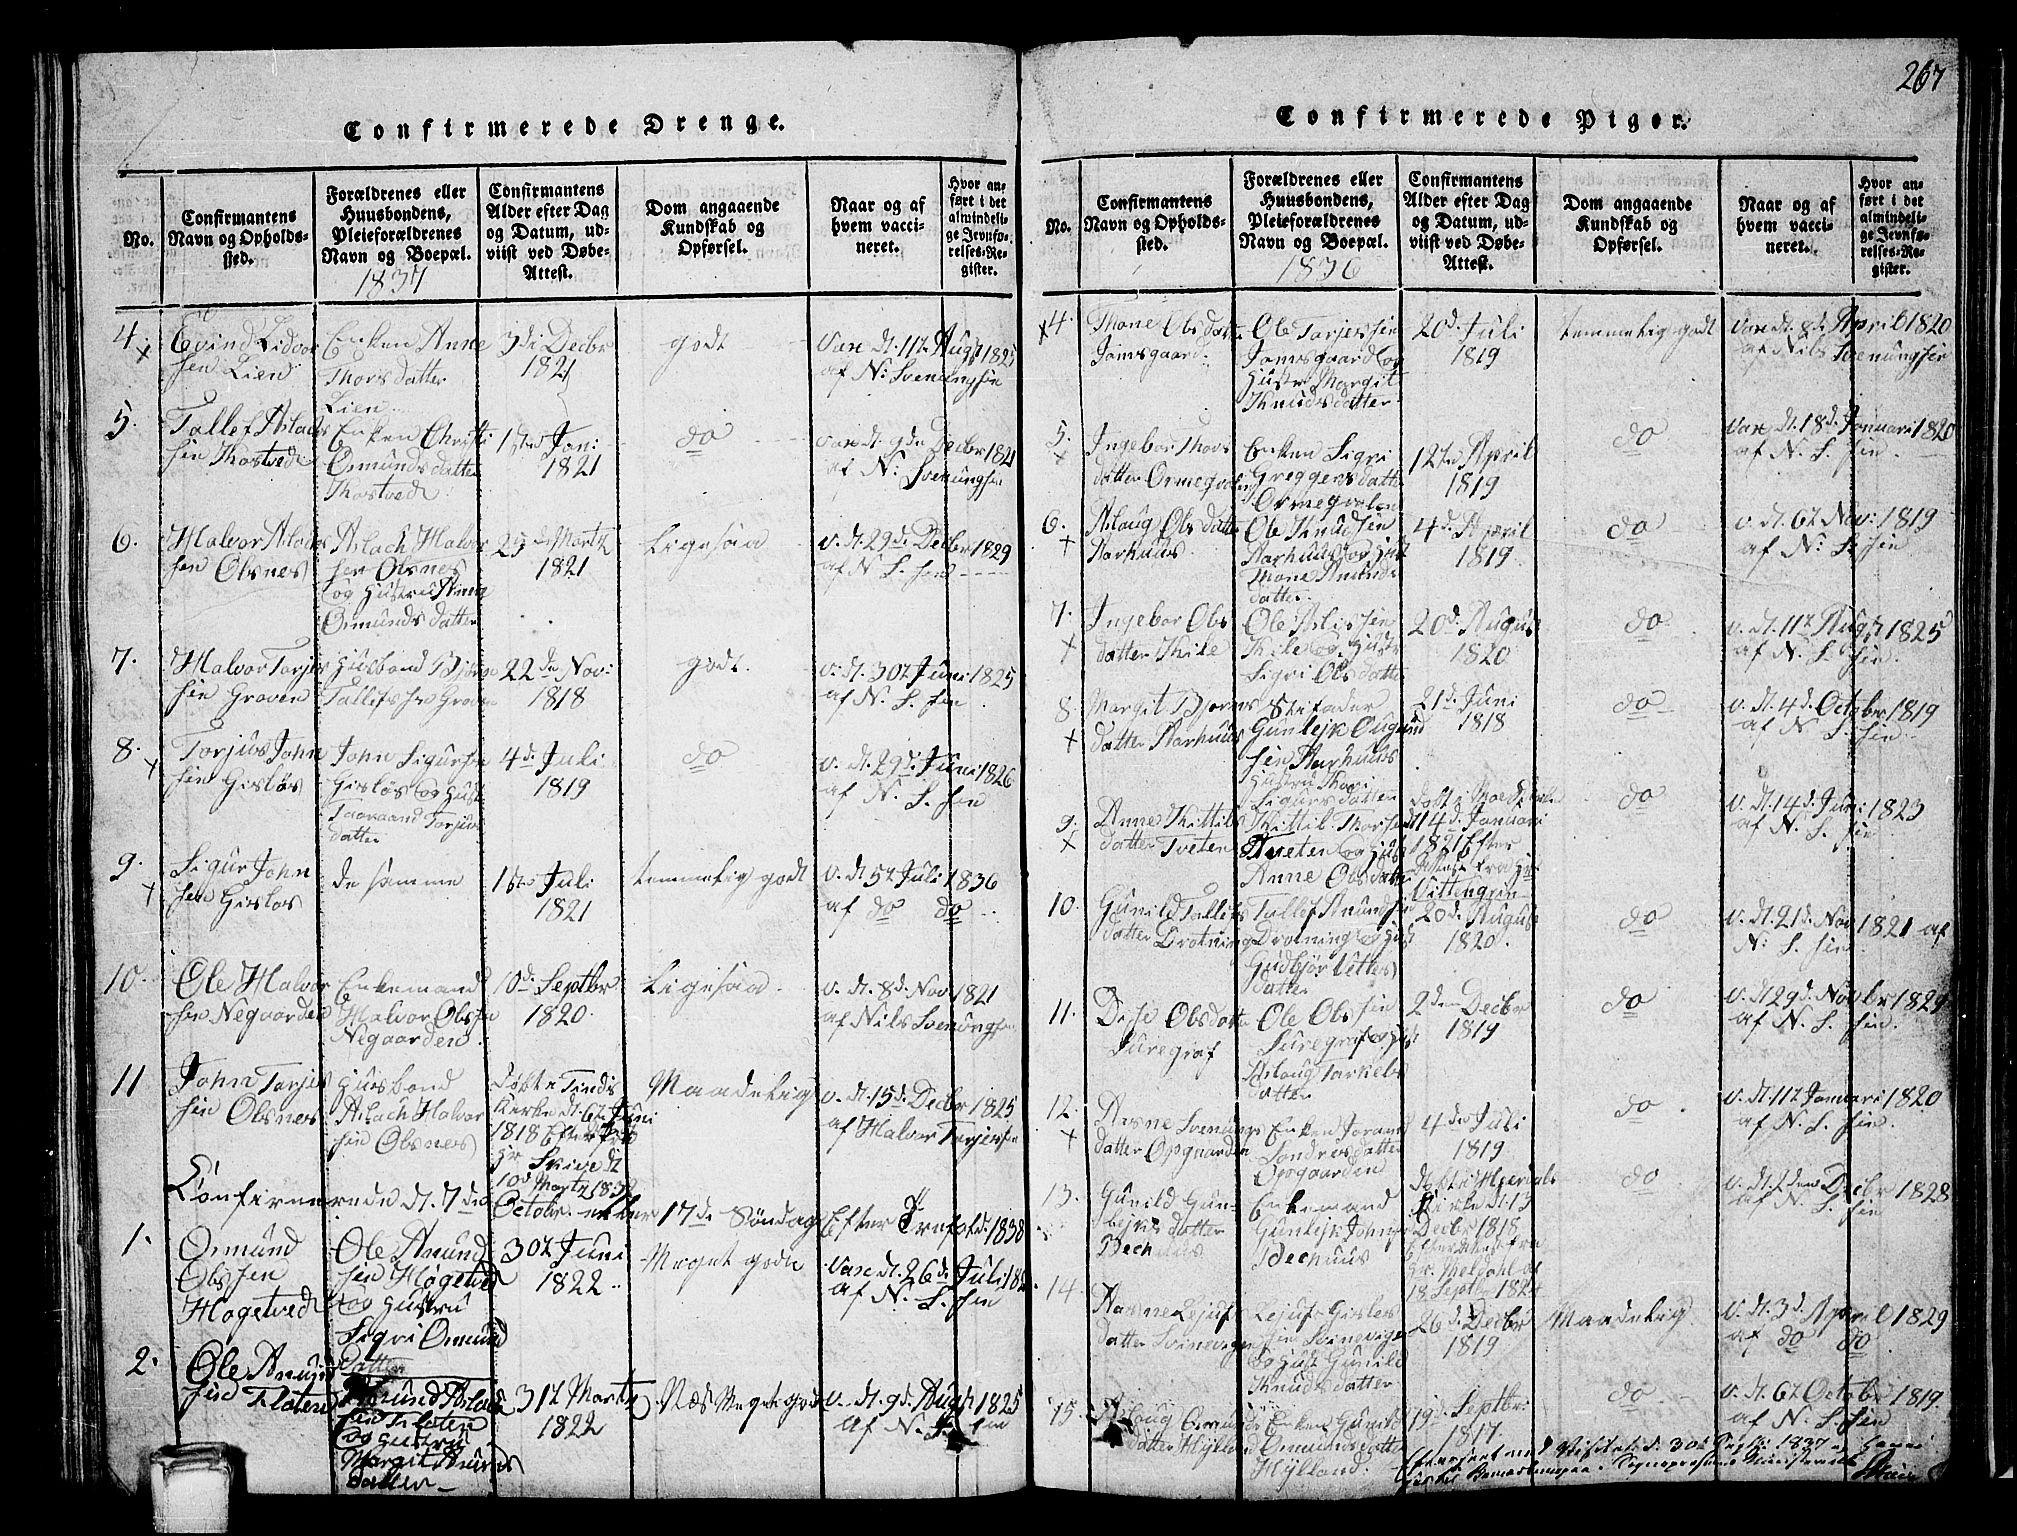 SAKO, Vinje kirkebøker, G/Ga/L0001: Klokkerbok nr. I 1, 1814-1843, s. 267